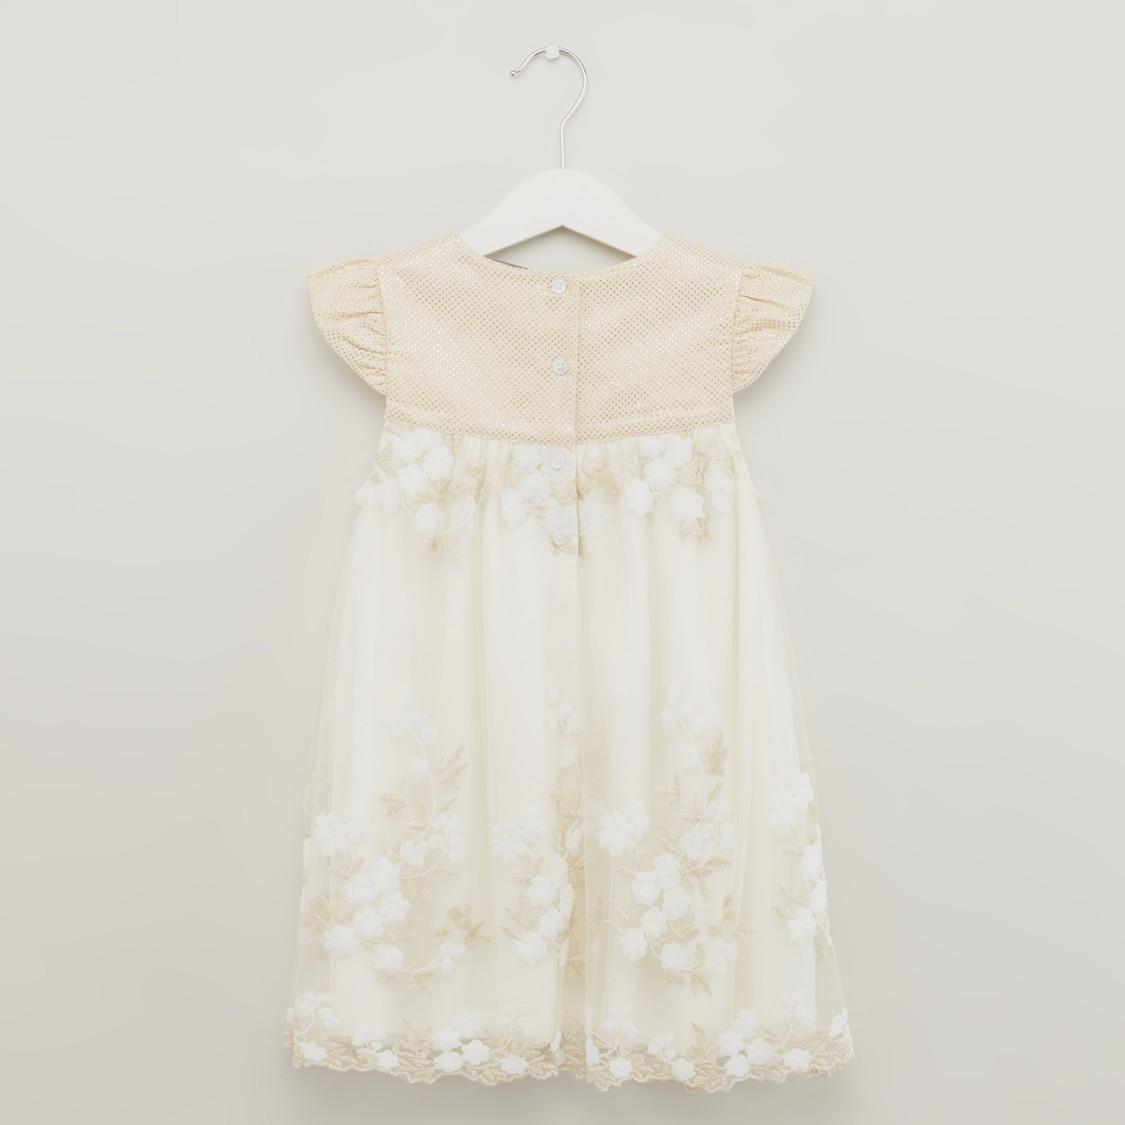 فستان مطرز بالزهور مع أكمام منفوشة